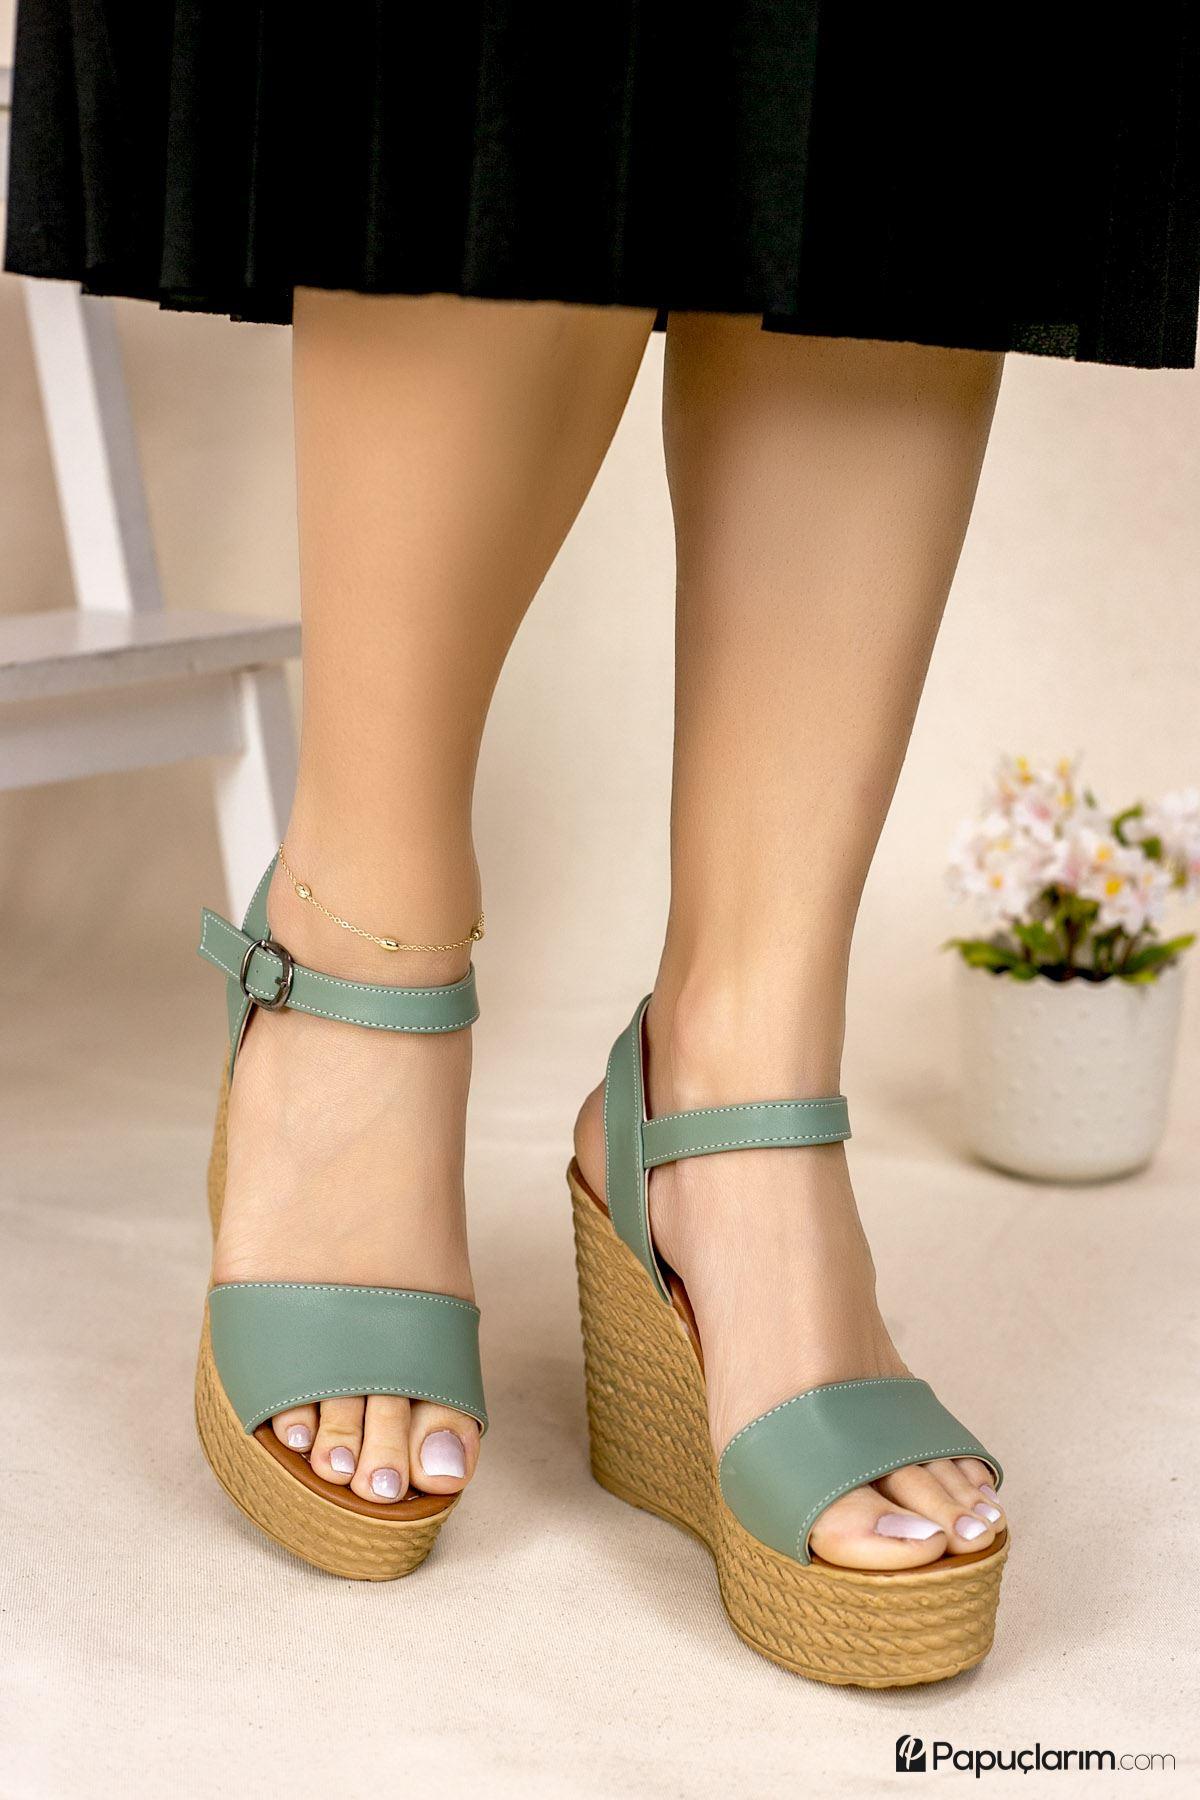 Angie Yeşil Mat Deri Dolgu Topuk Kadın Ayakkabı